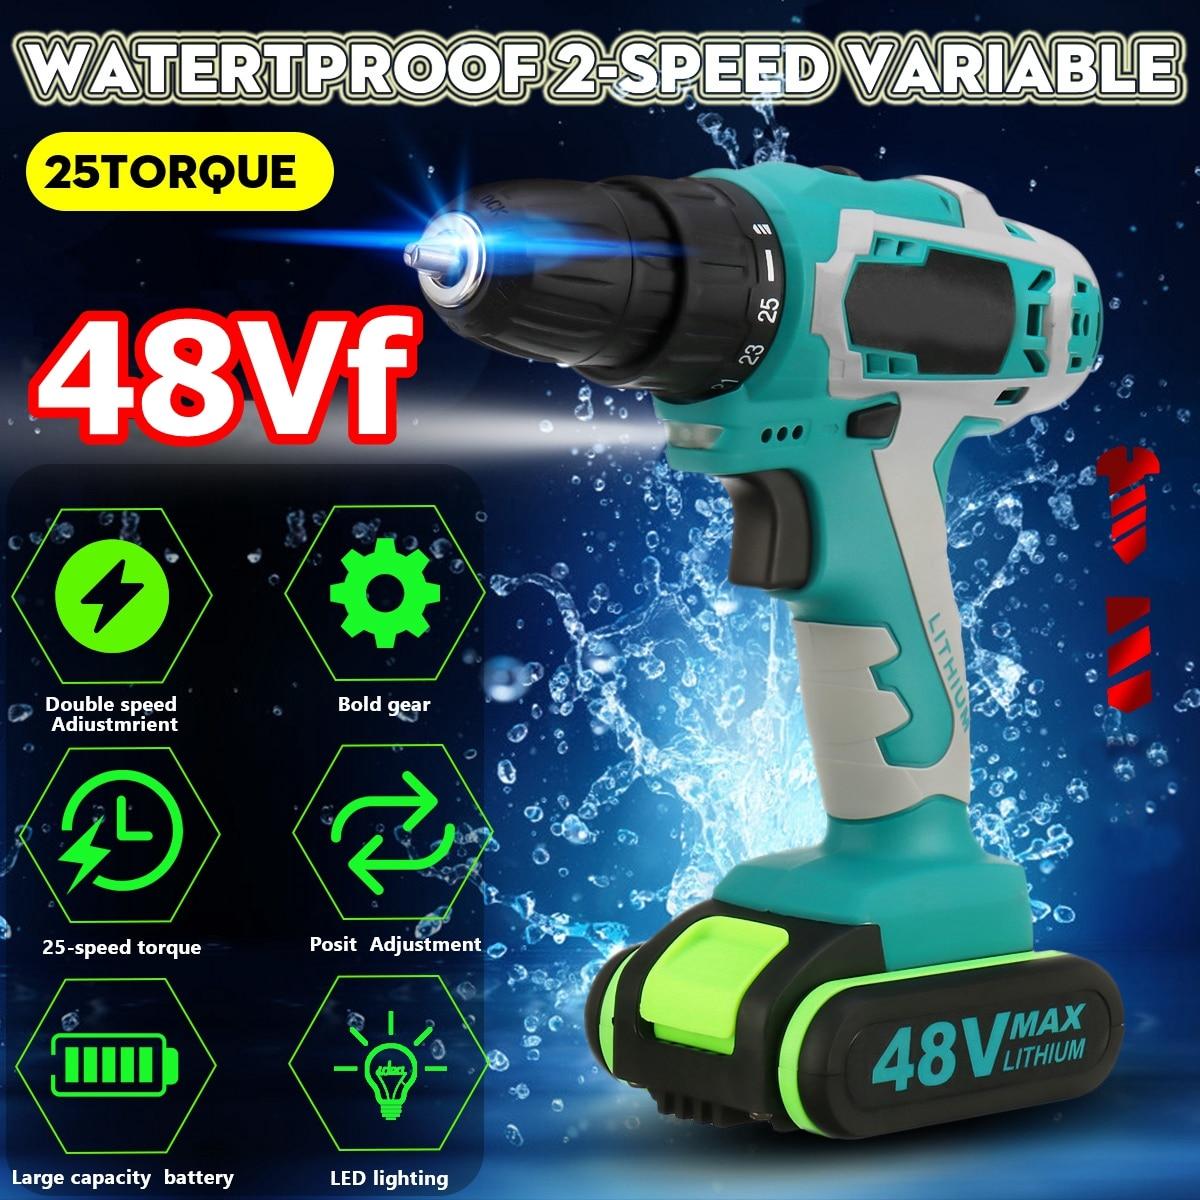 Batterie de charge étanche 48Vf perceuse électrique sans fil perceuse domestique bricolage perceuse électrique sans fil outils électriques